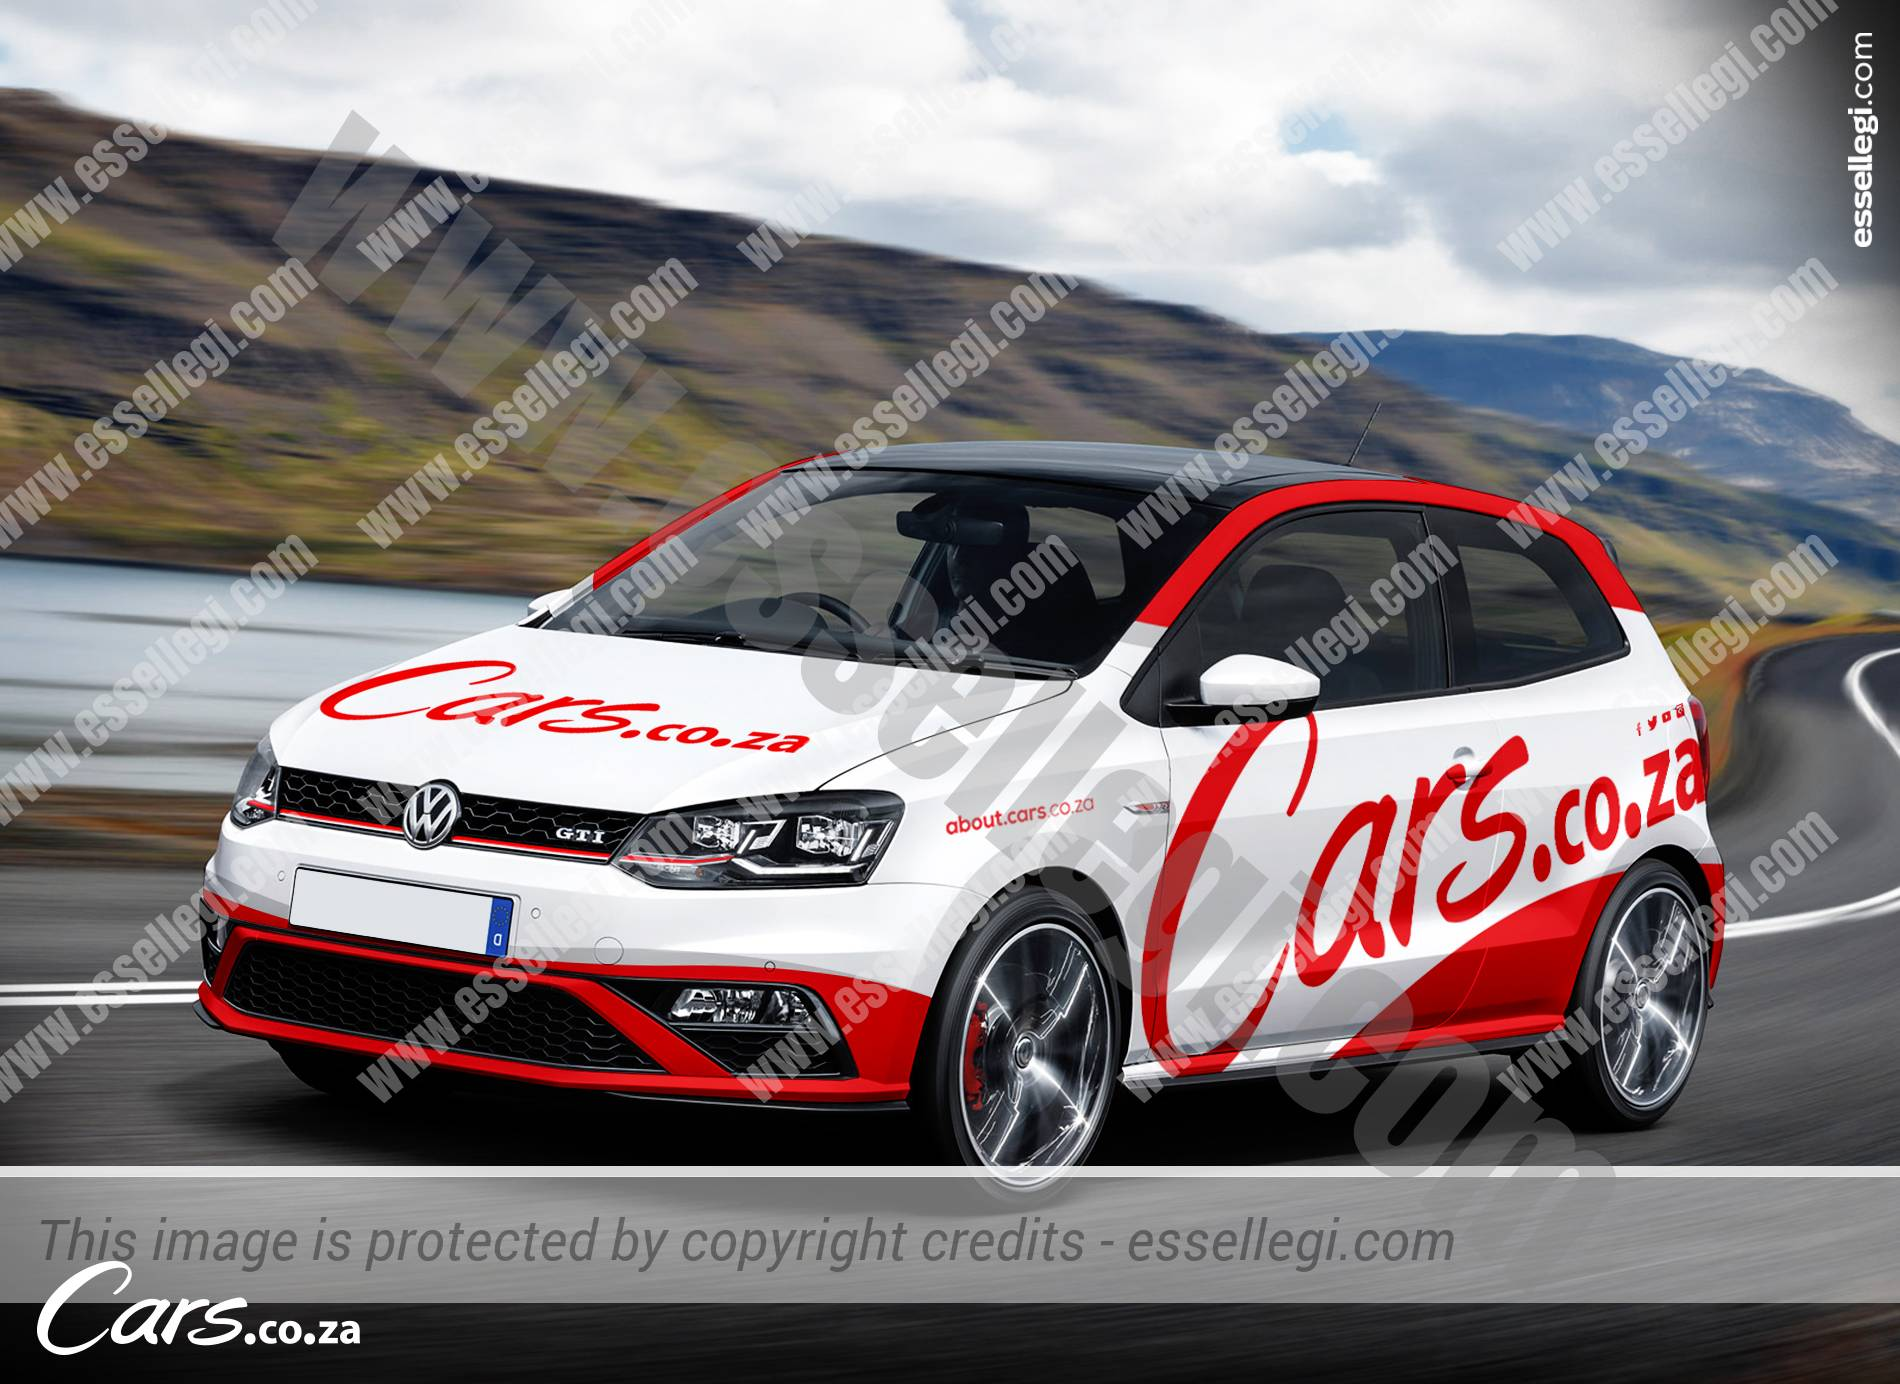 VOLKSWAGEN POLO GTI CAR WRAP DESIGN BY ESSELLEGI - Car signwriting